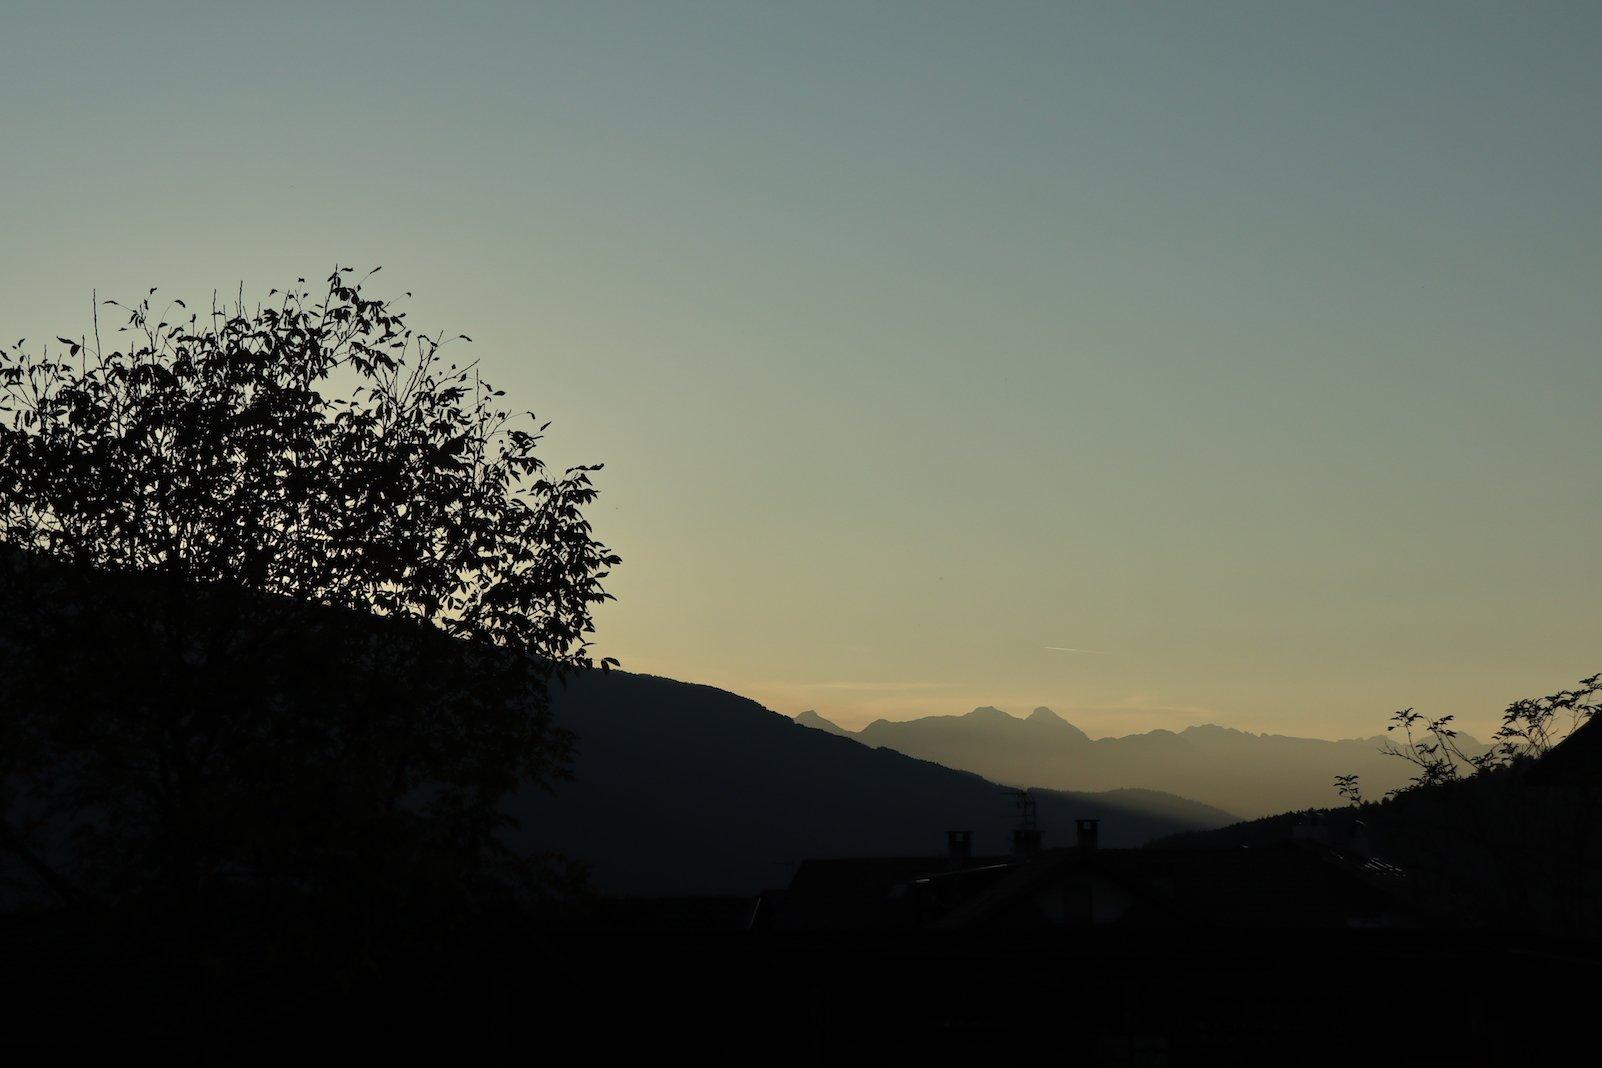 Sonnenuntergang auf der Terrasse des Hotels Tanzer mit der EOS M6